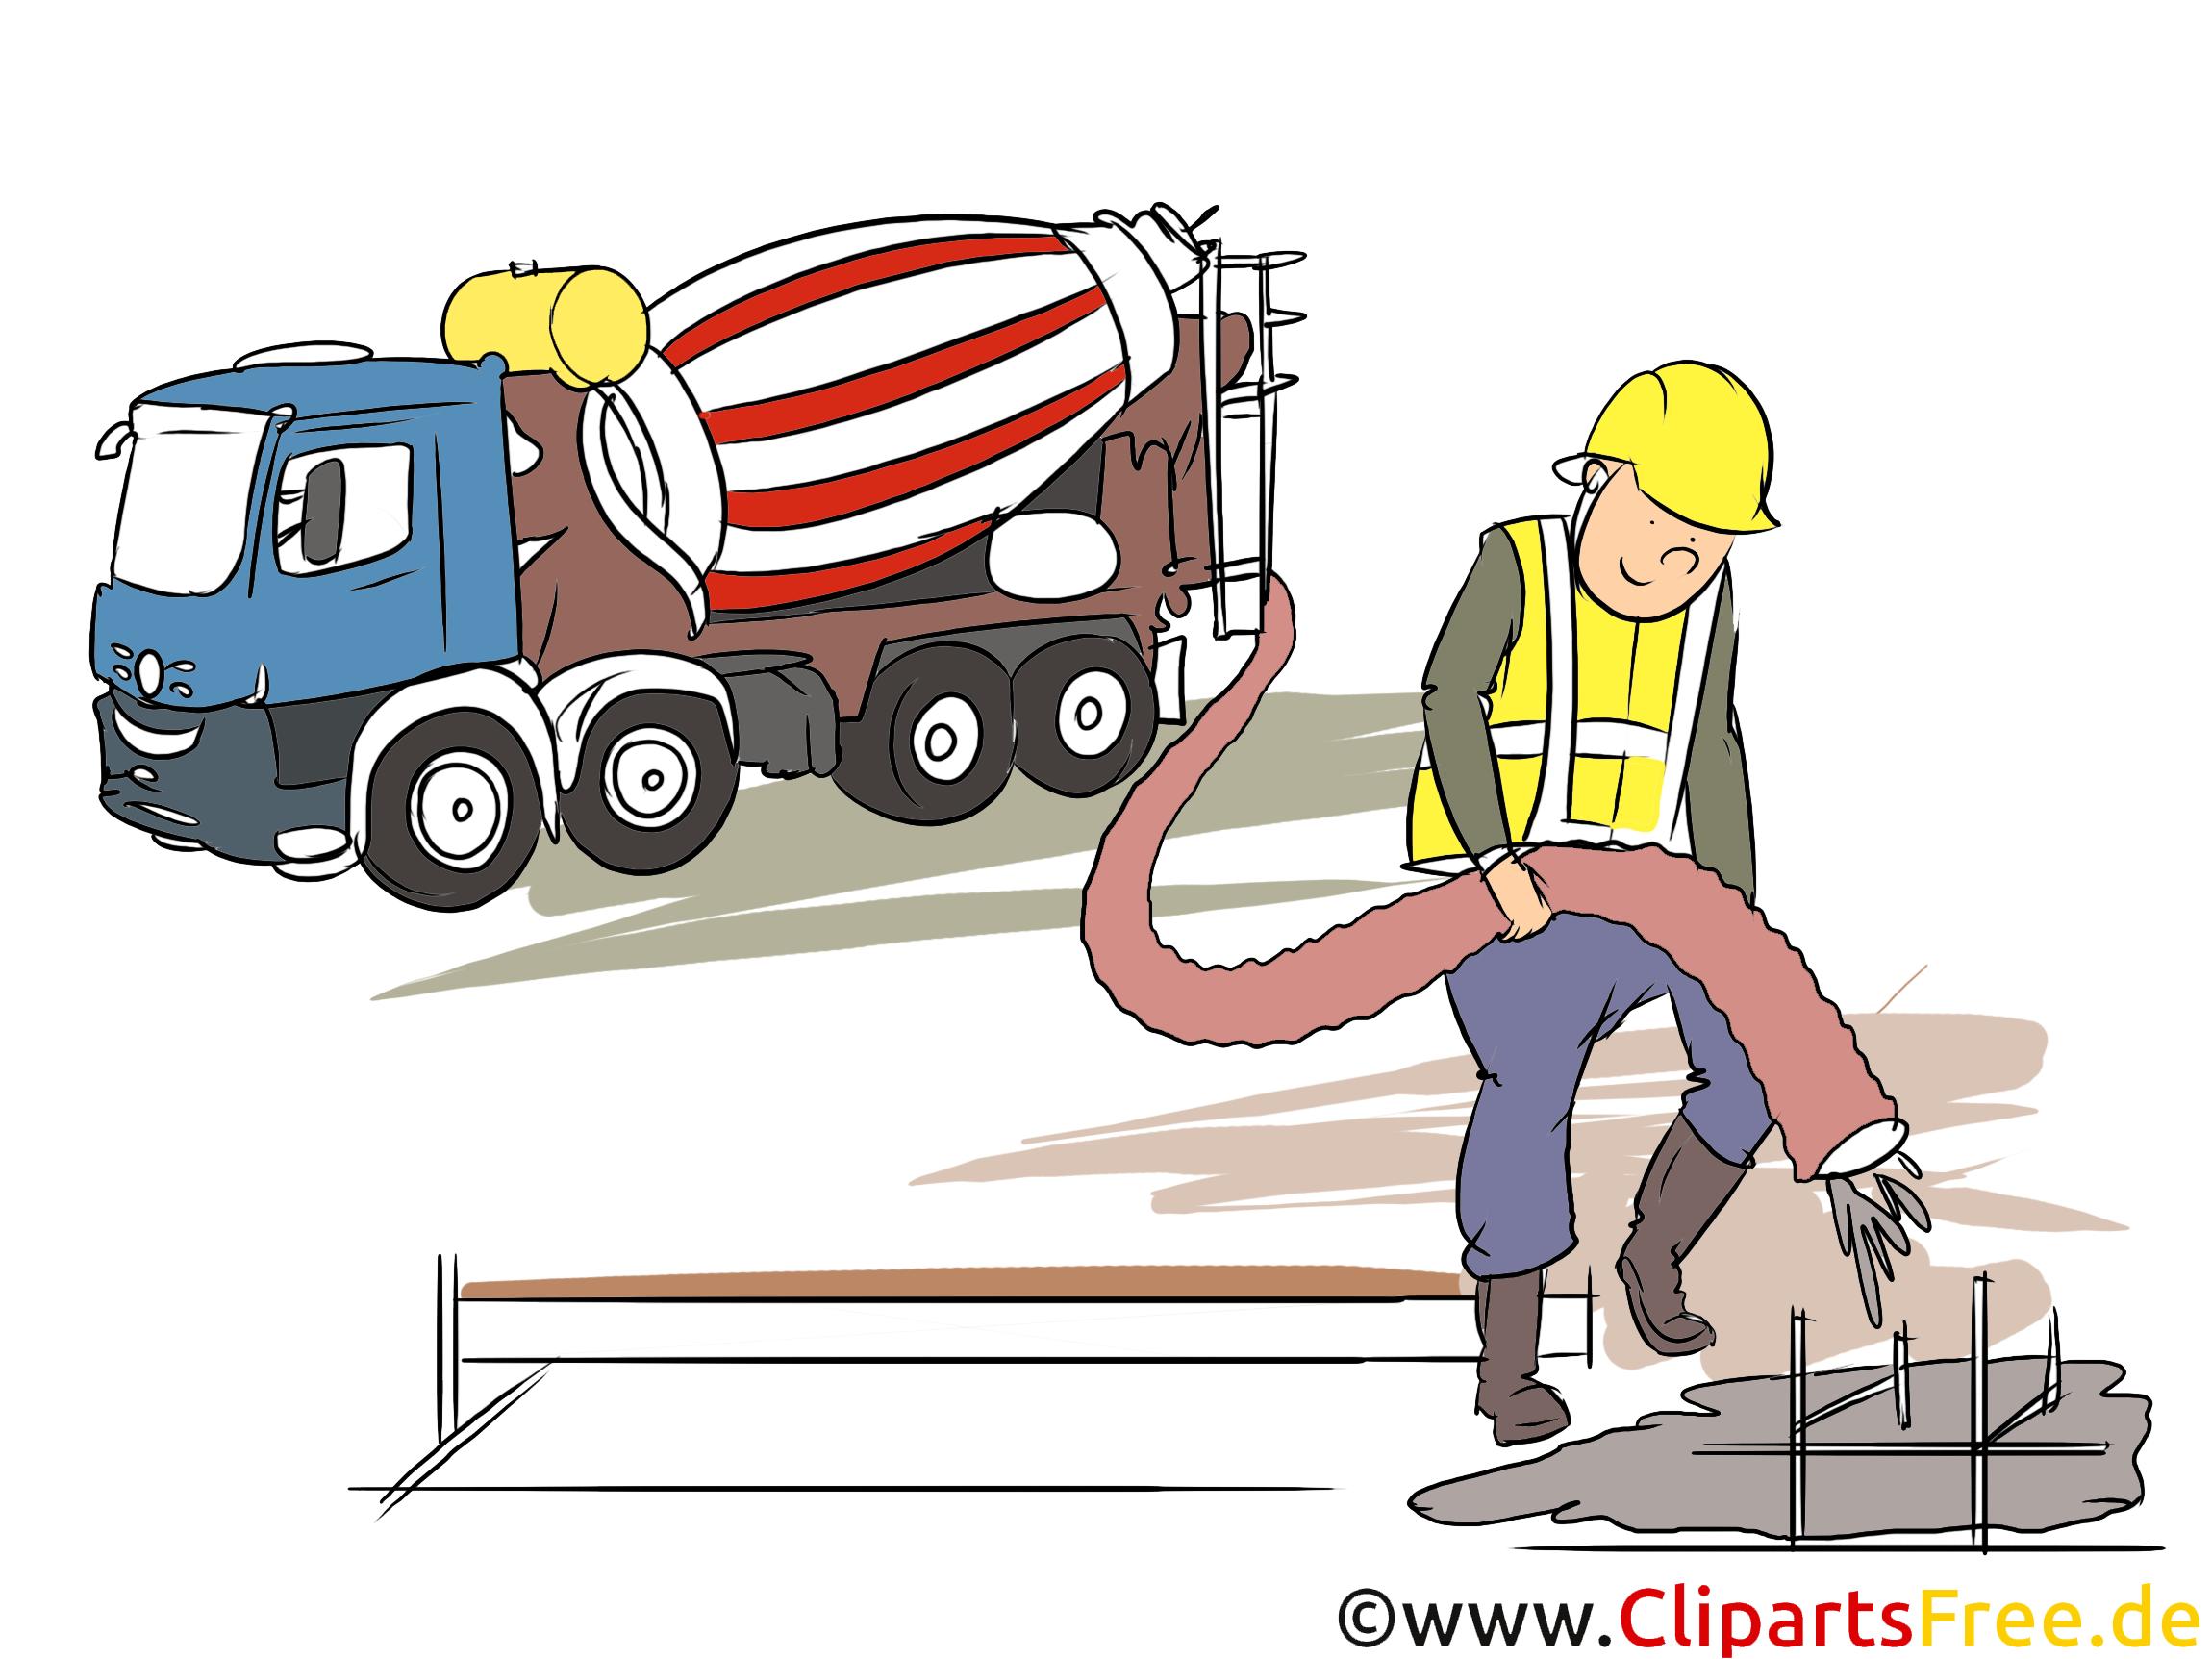 Stahlbauer Clipart, Bild, Grafik zum Thema Ausbildungsberufe